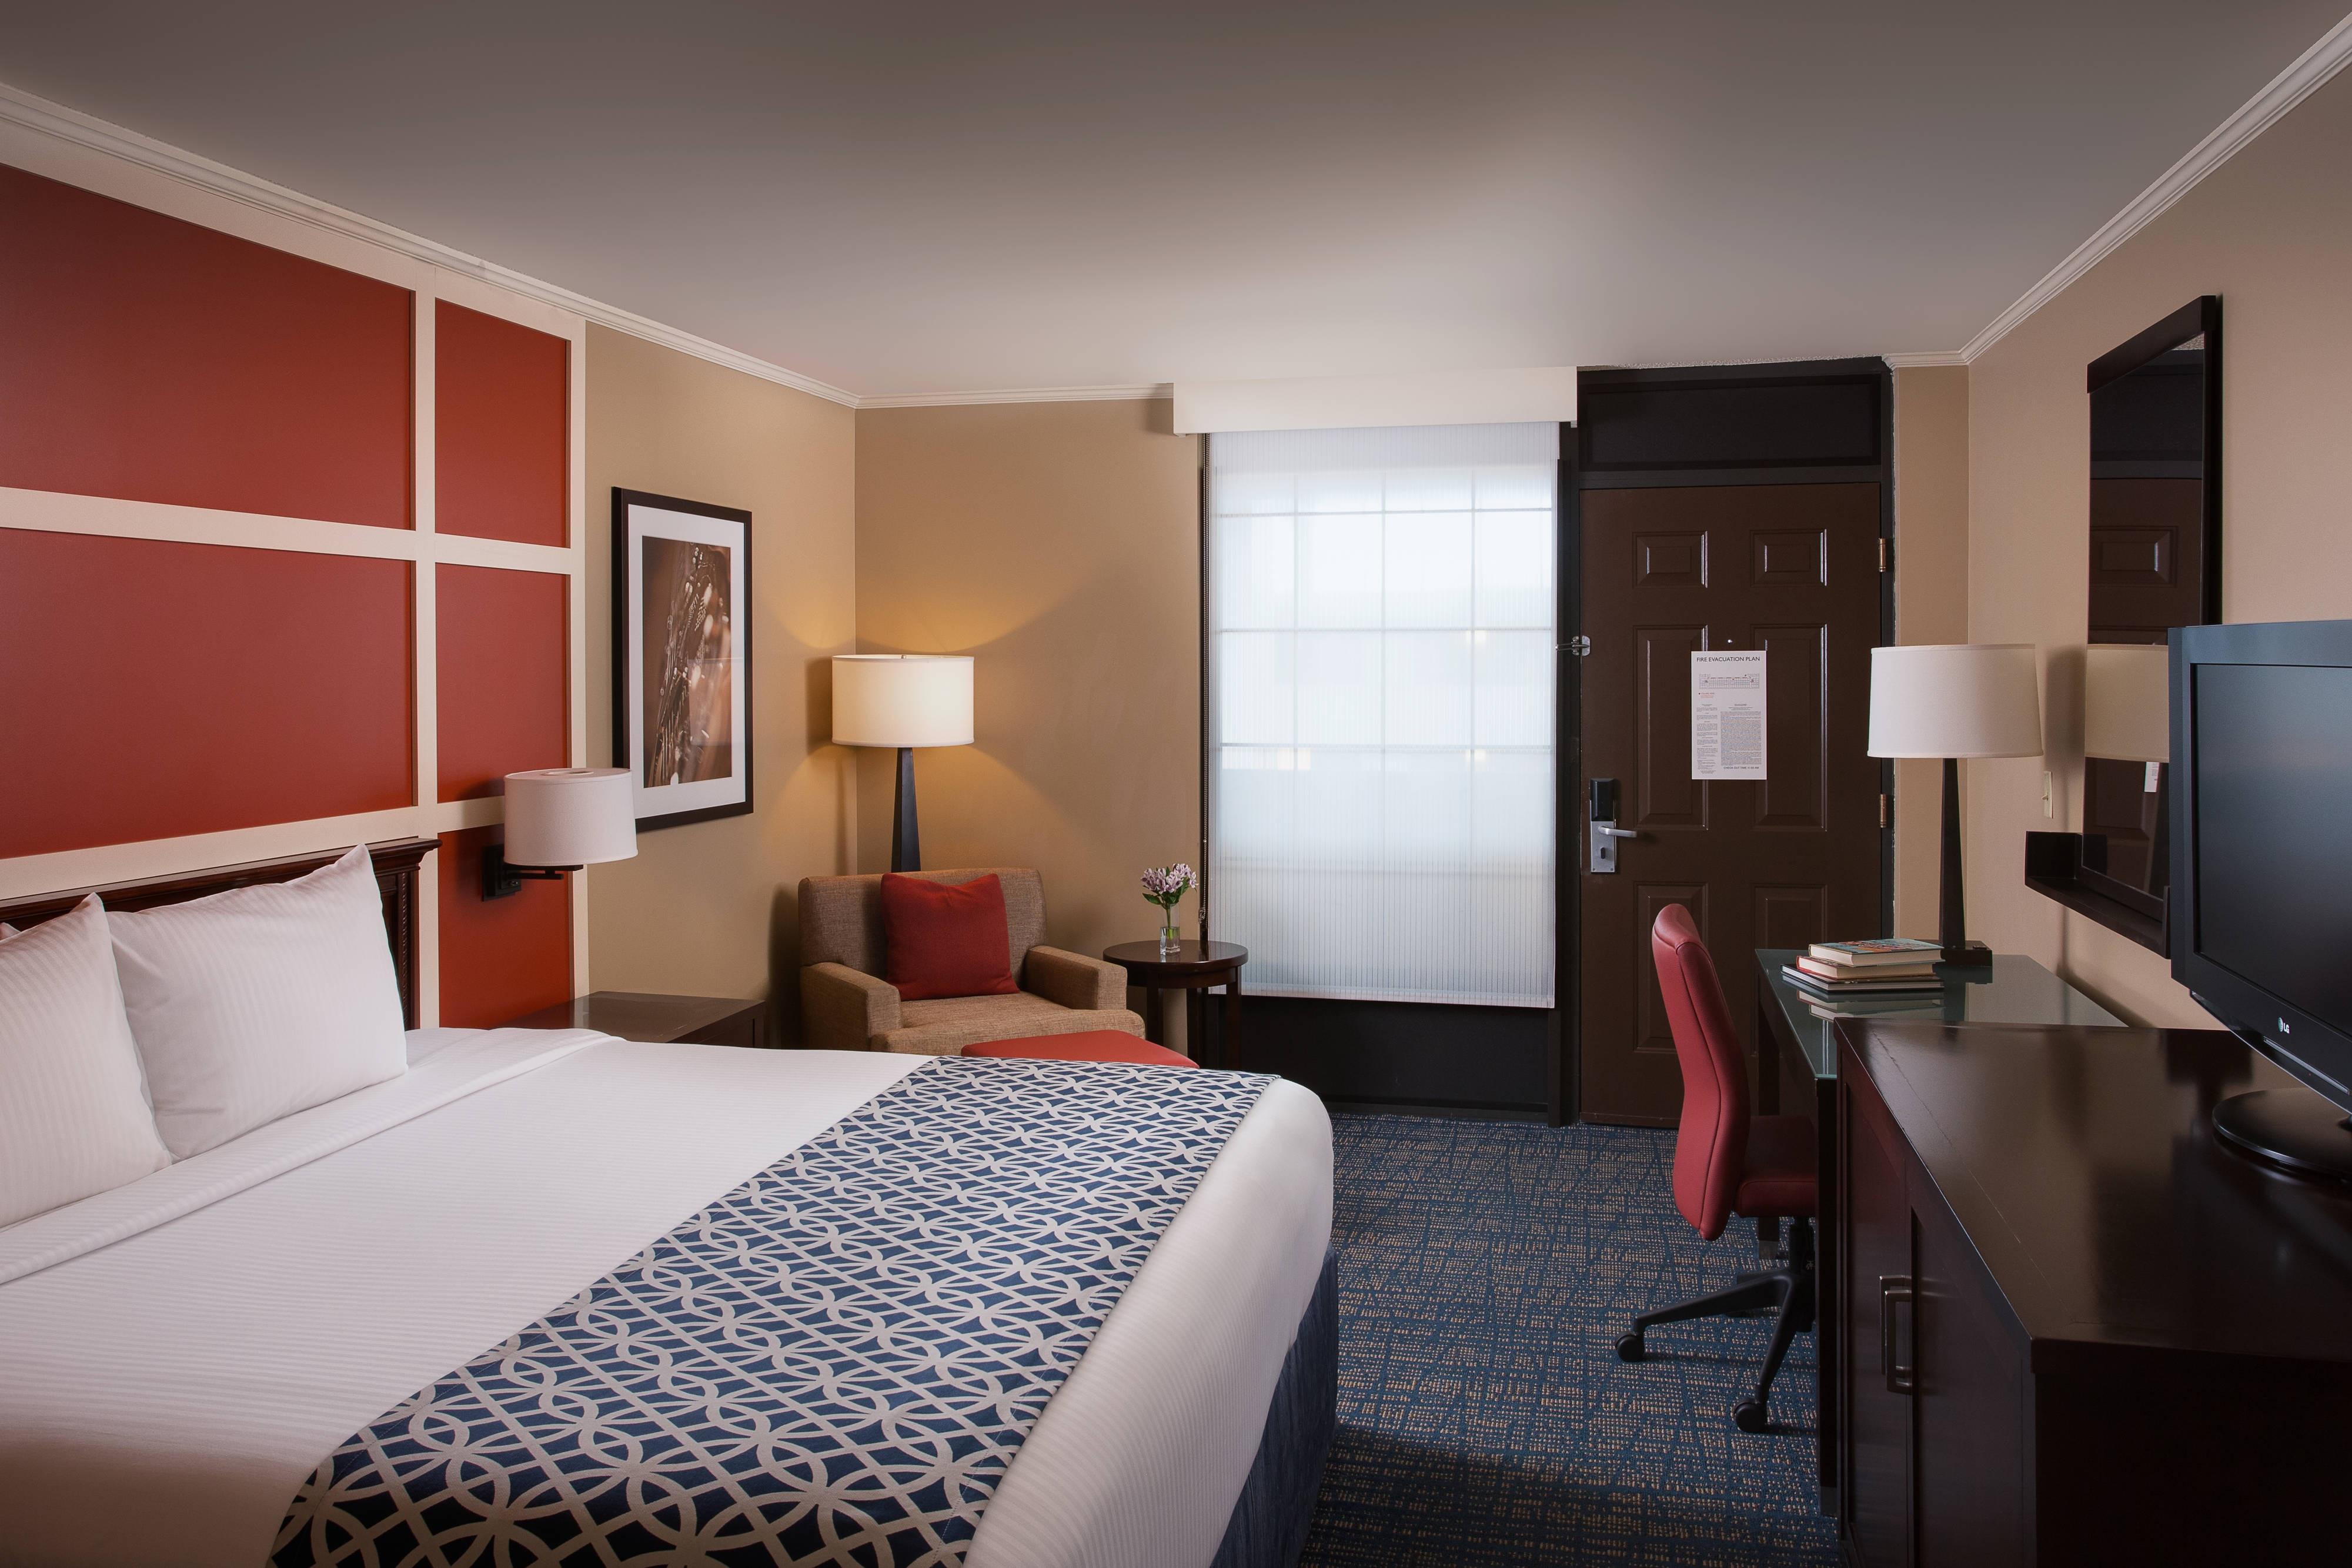 Innenausstattung eines Gästezimmers mit Kingsize-Bett